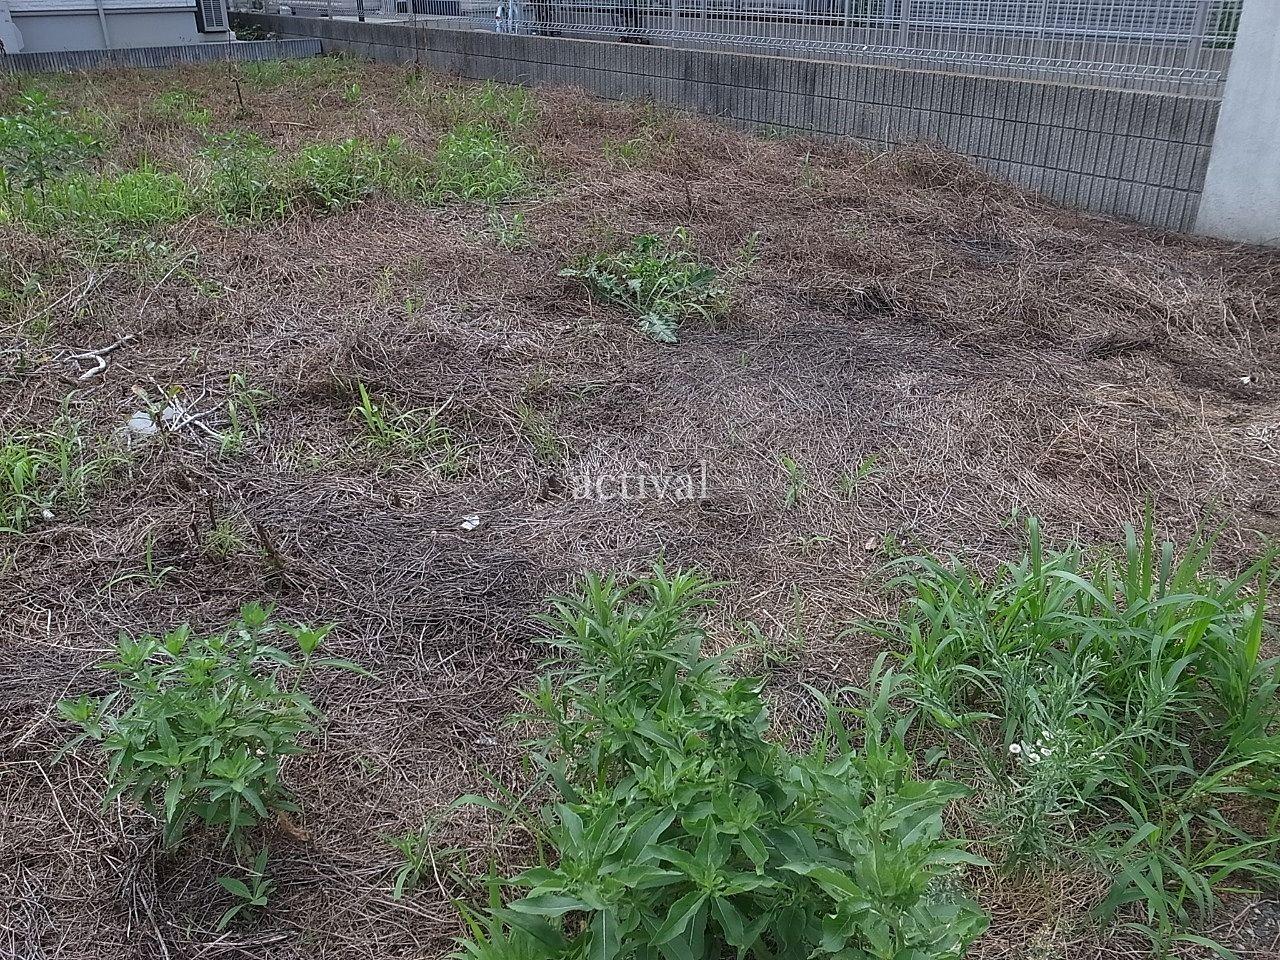 前回の除草剤がよく効いていて多くの雑草が枯れていました。